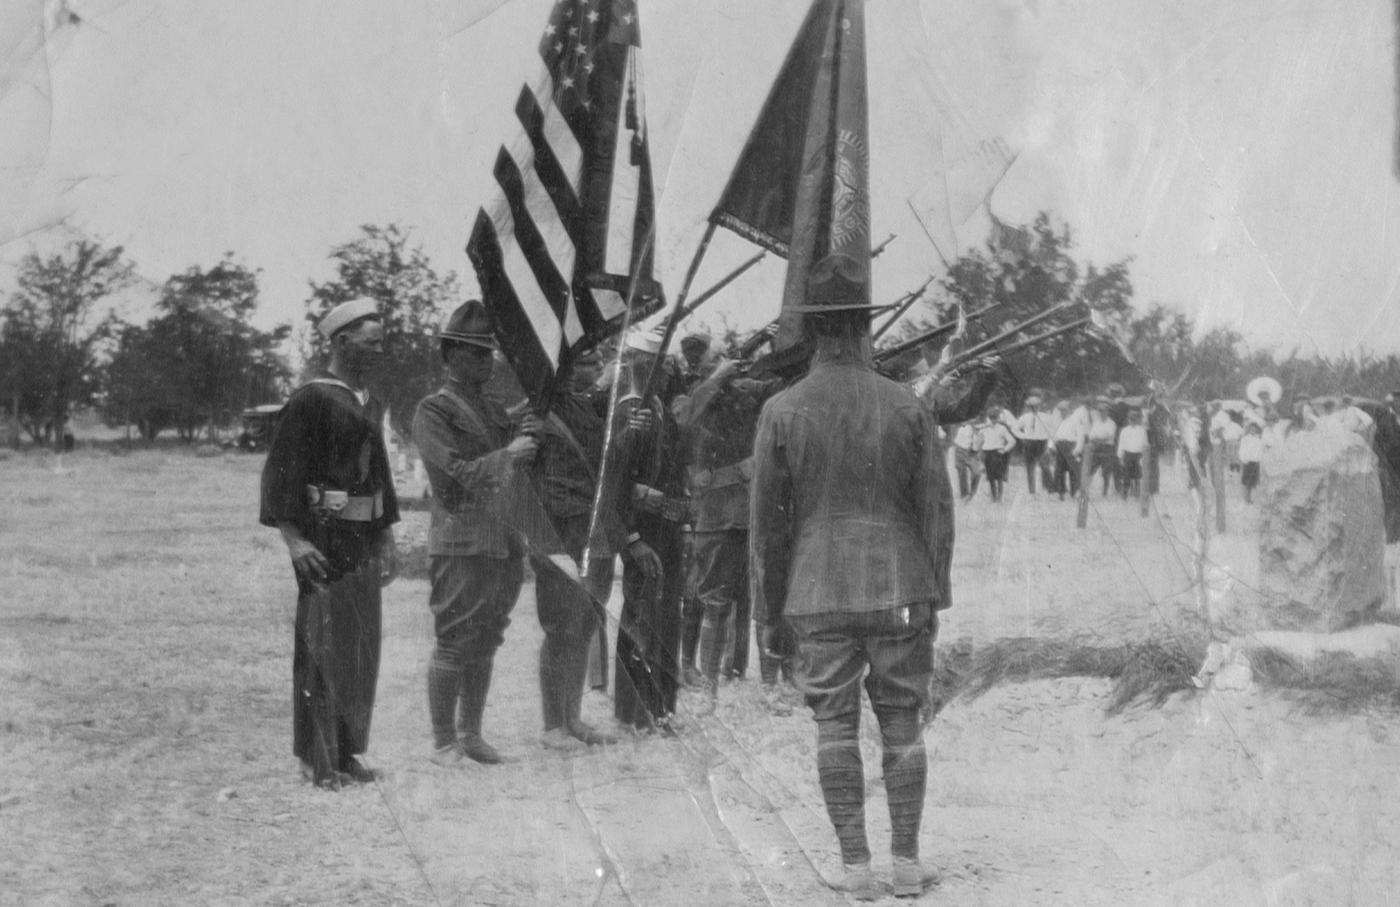 memorialday1918